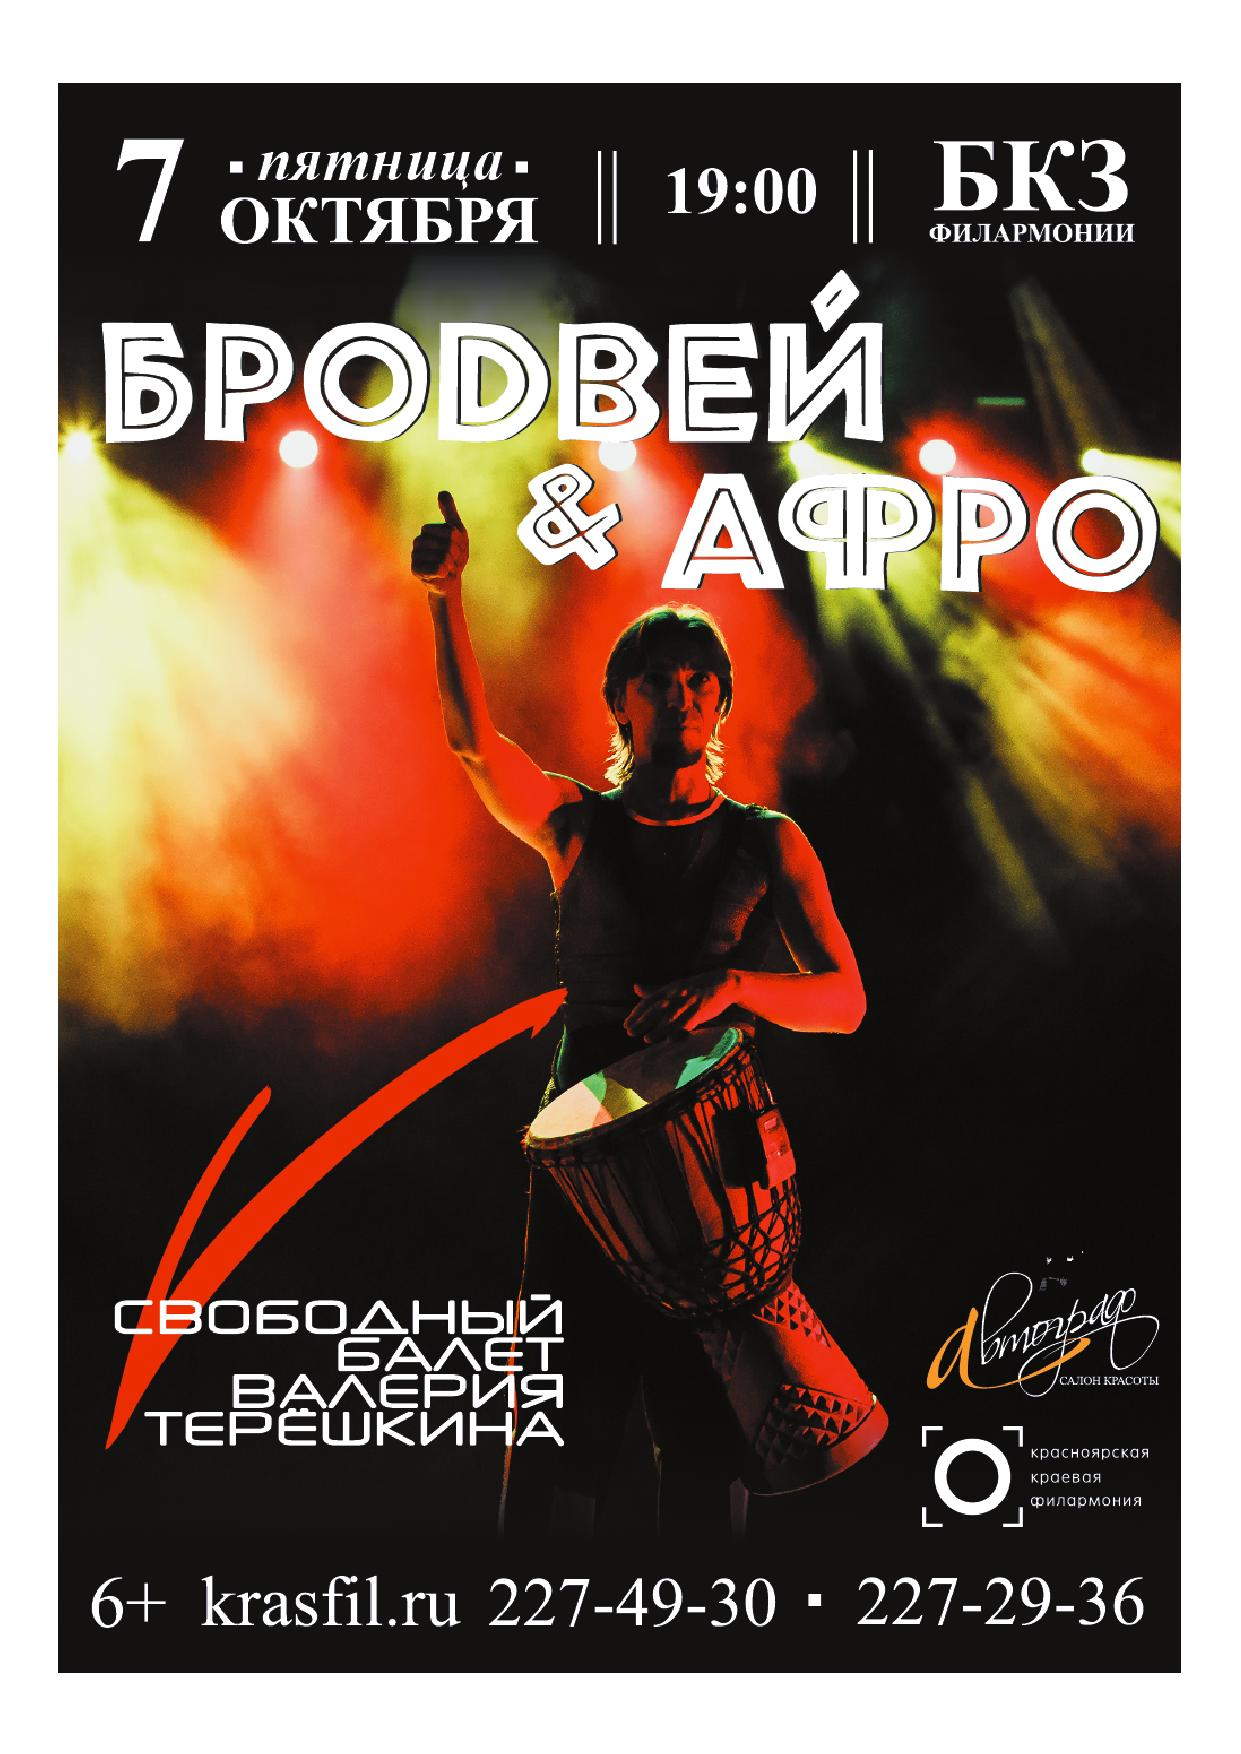 Свободный балет Валерия Терешкина